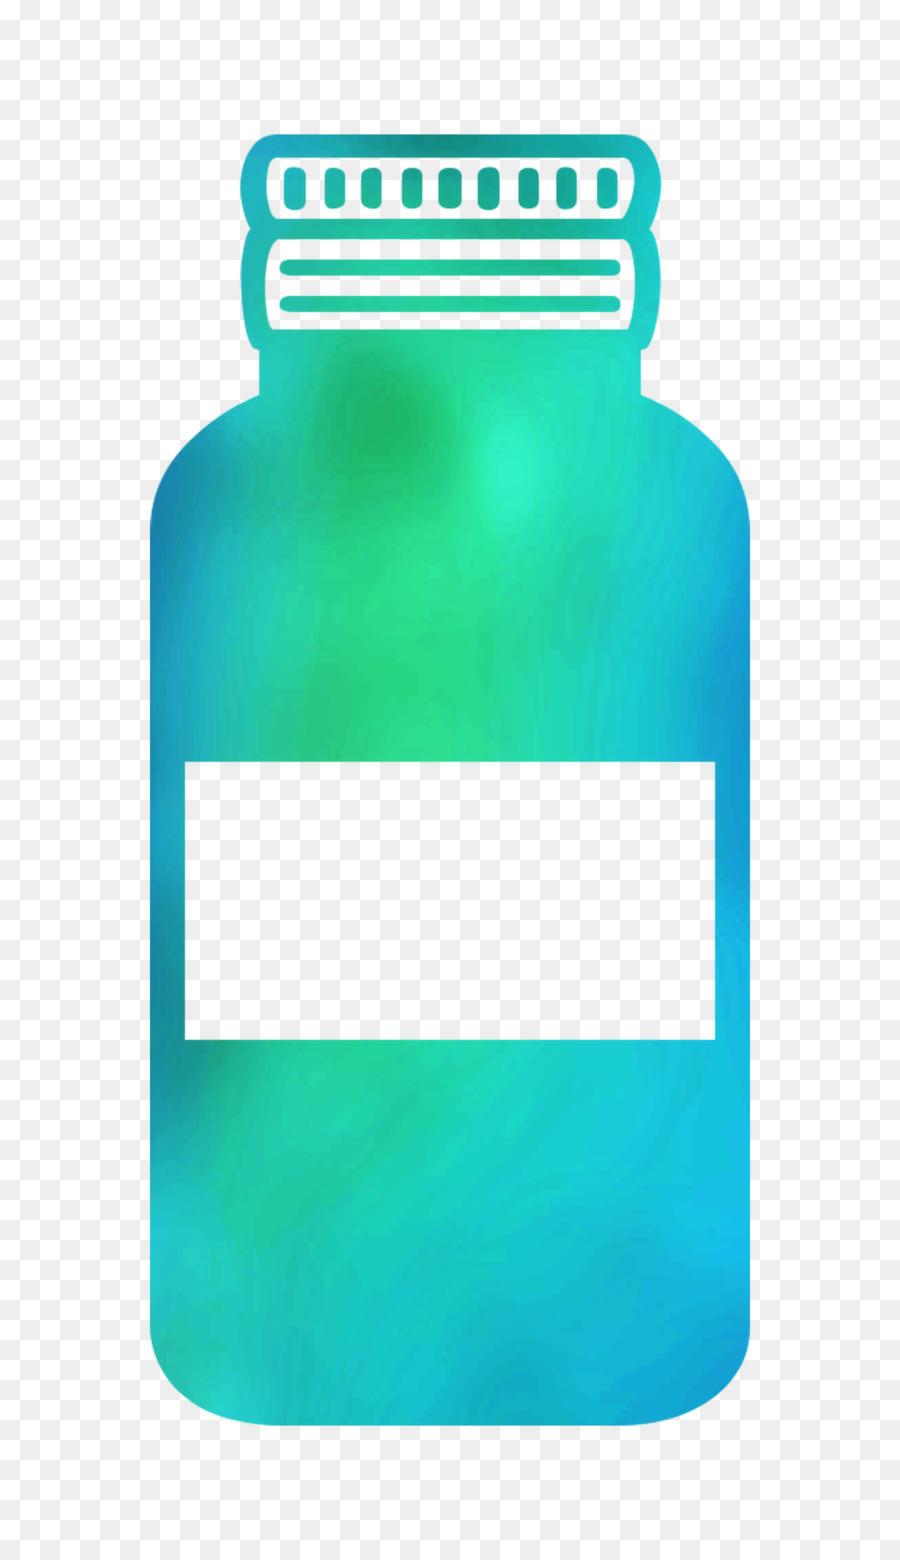 Descarga gratuita de Botella, Rectángulo, La Mensajería De Texto imágenes PNG